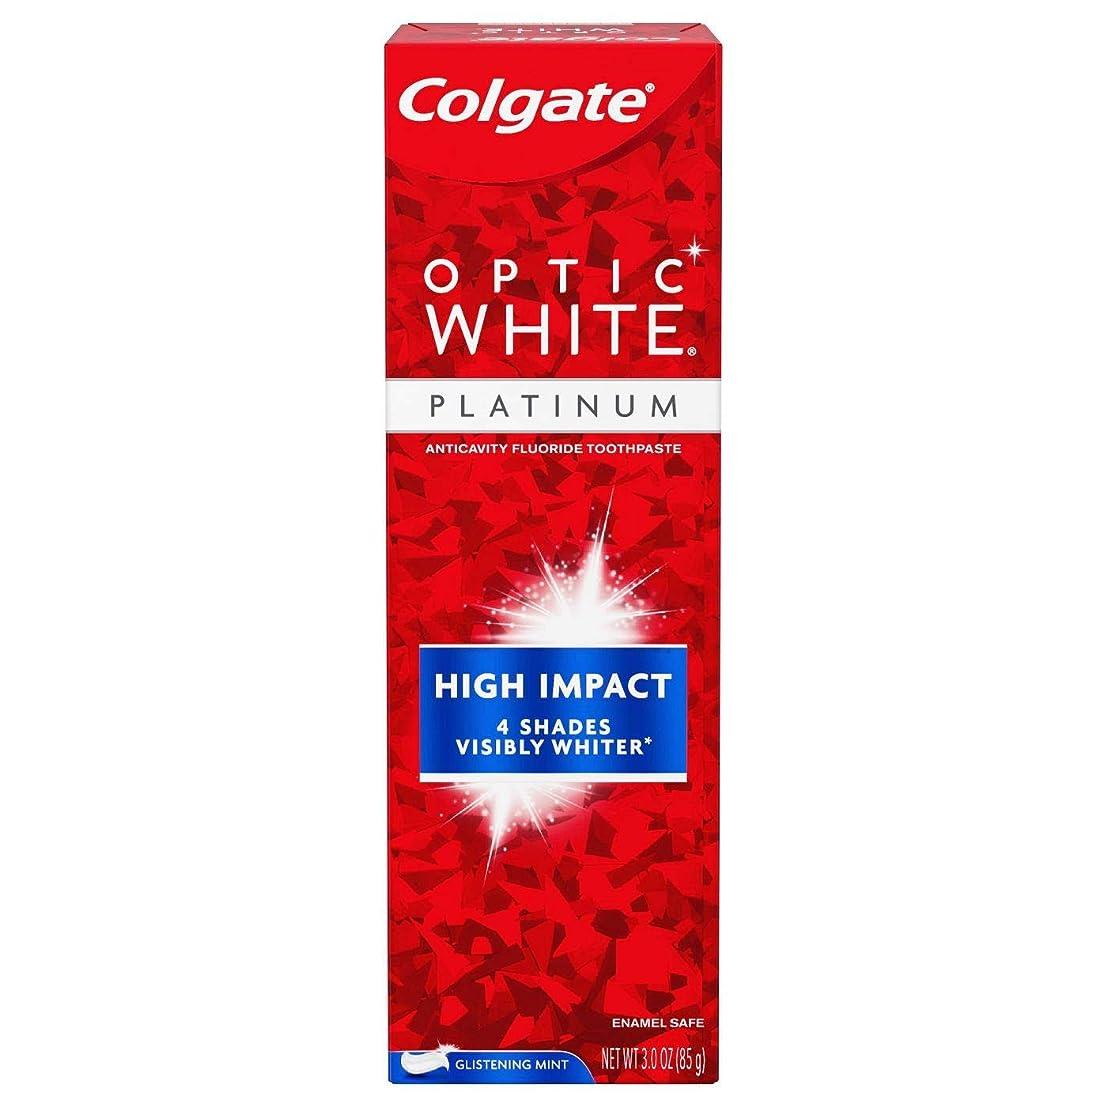 アレンジけがをする間違えたColgate Optic White High Impact White 練り歯磨き [並行輸入品]